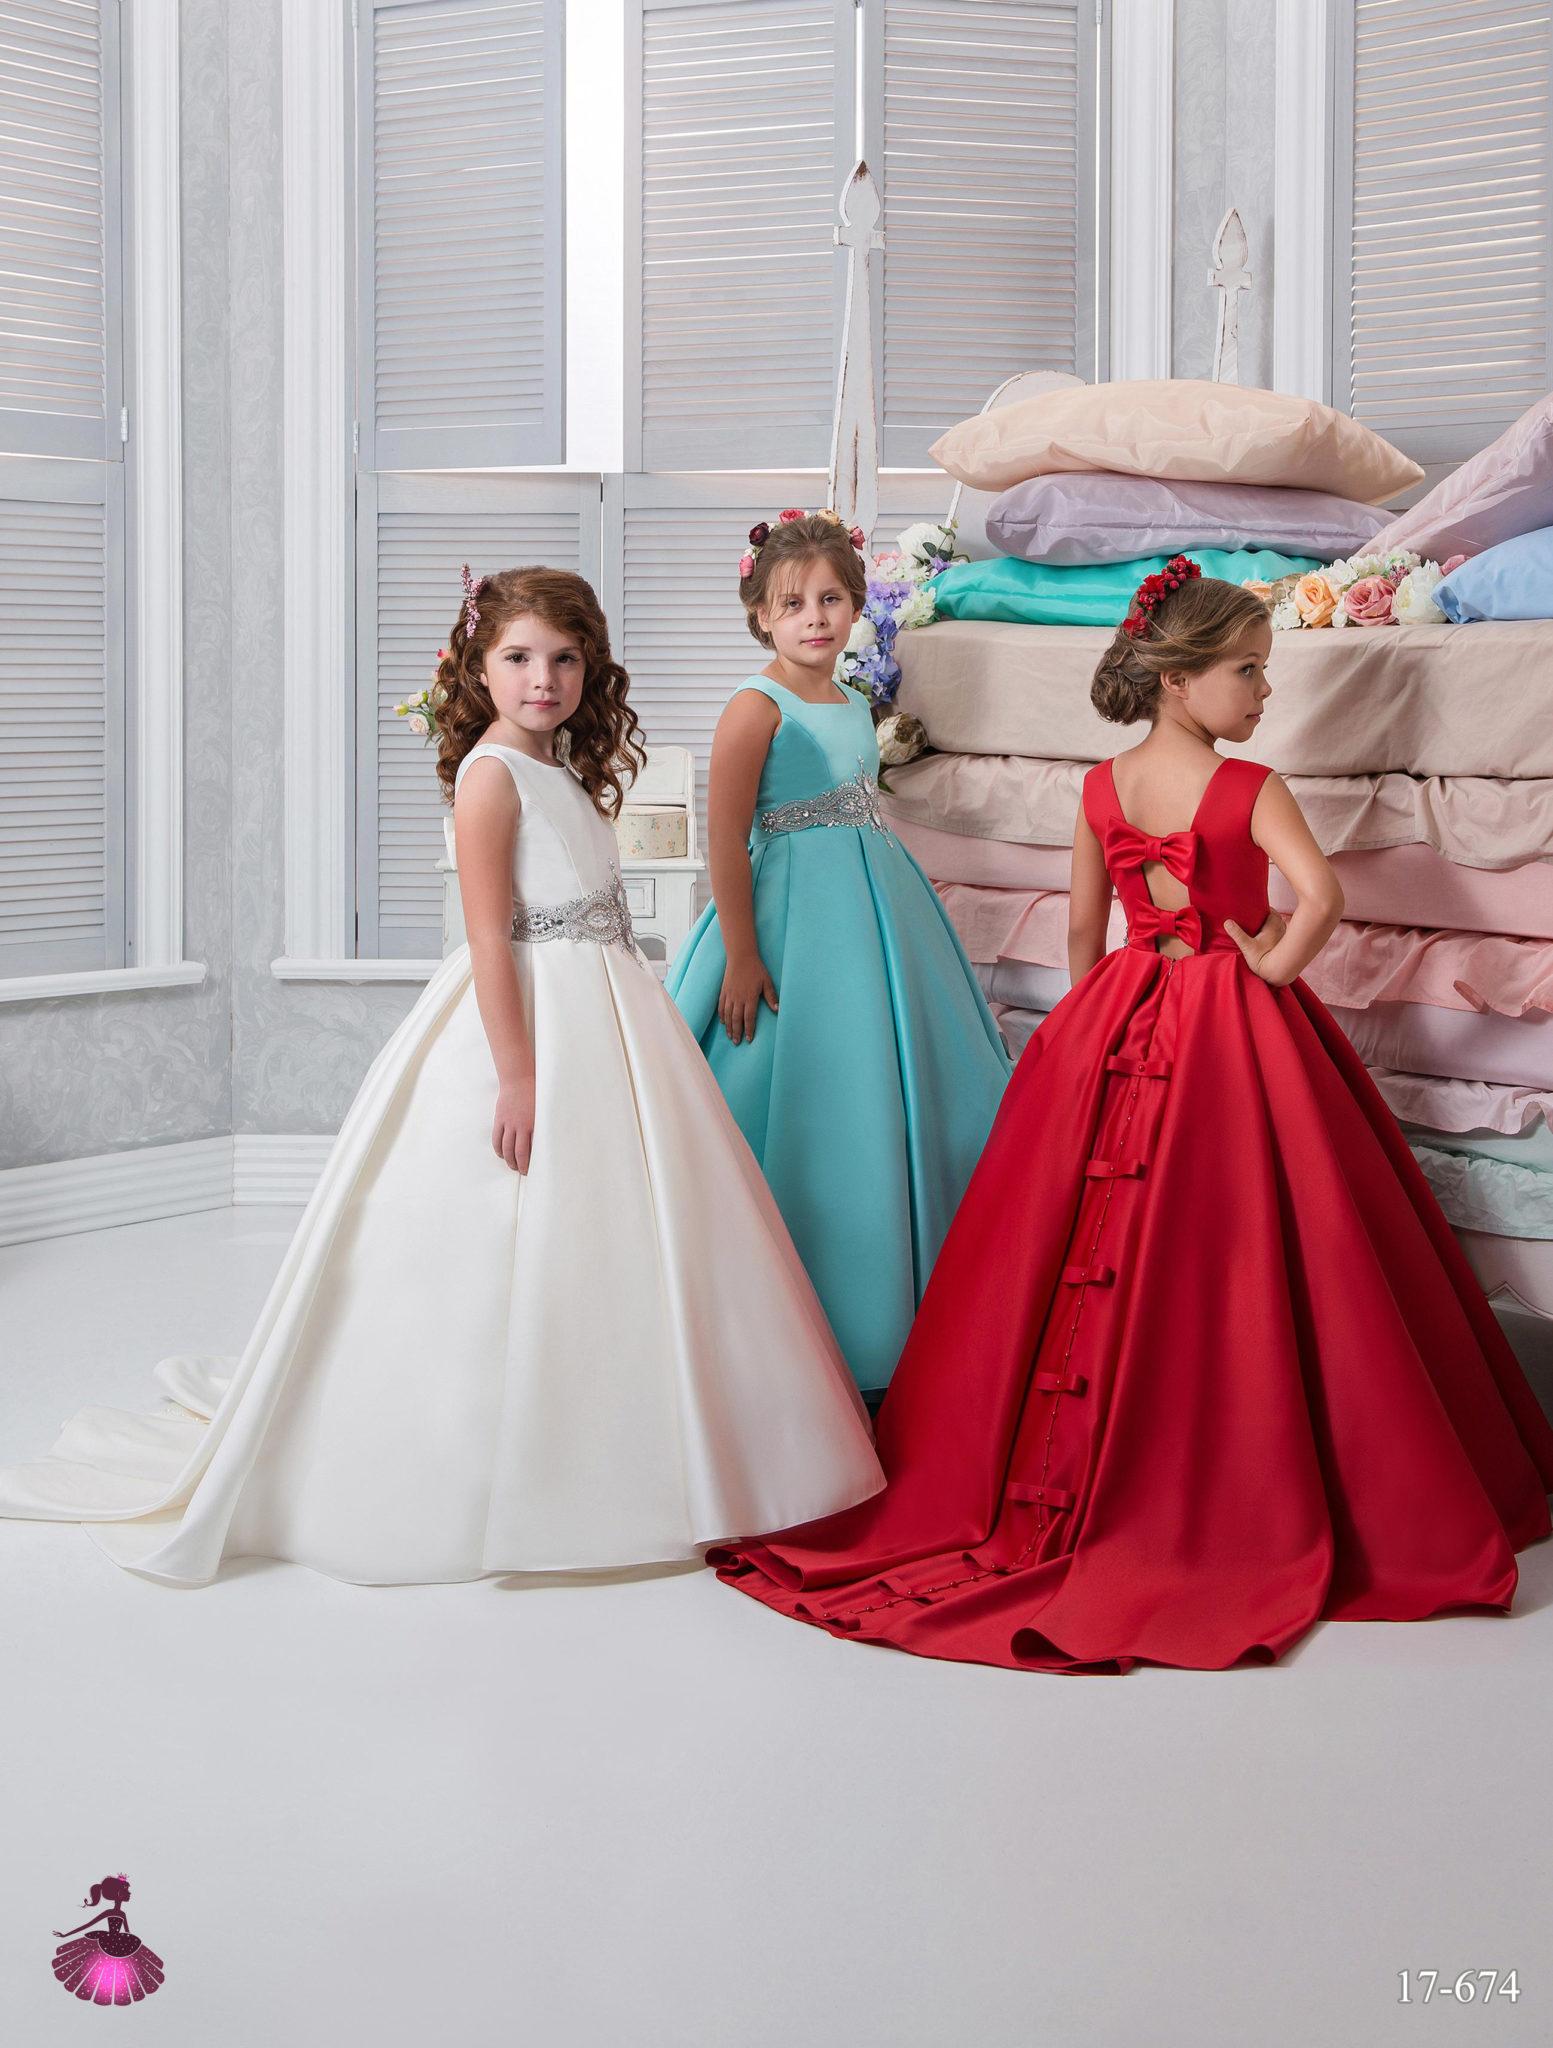 Аренда платьев Little queen dress в фотостудии Frontpage 17-674 1